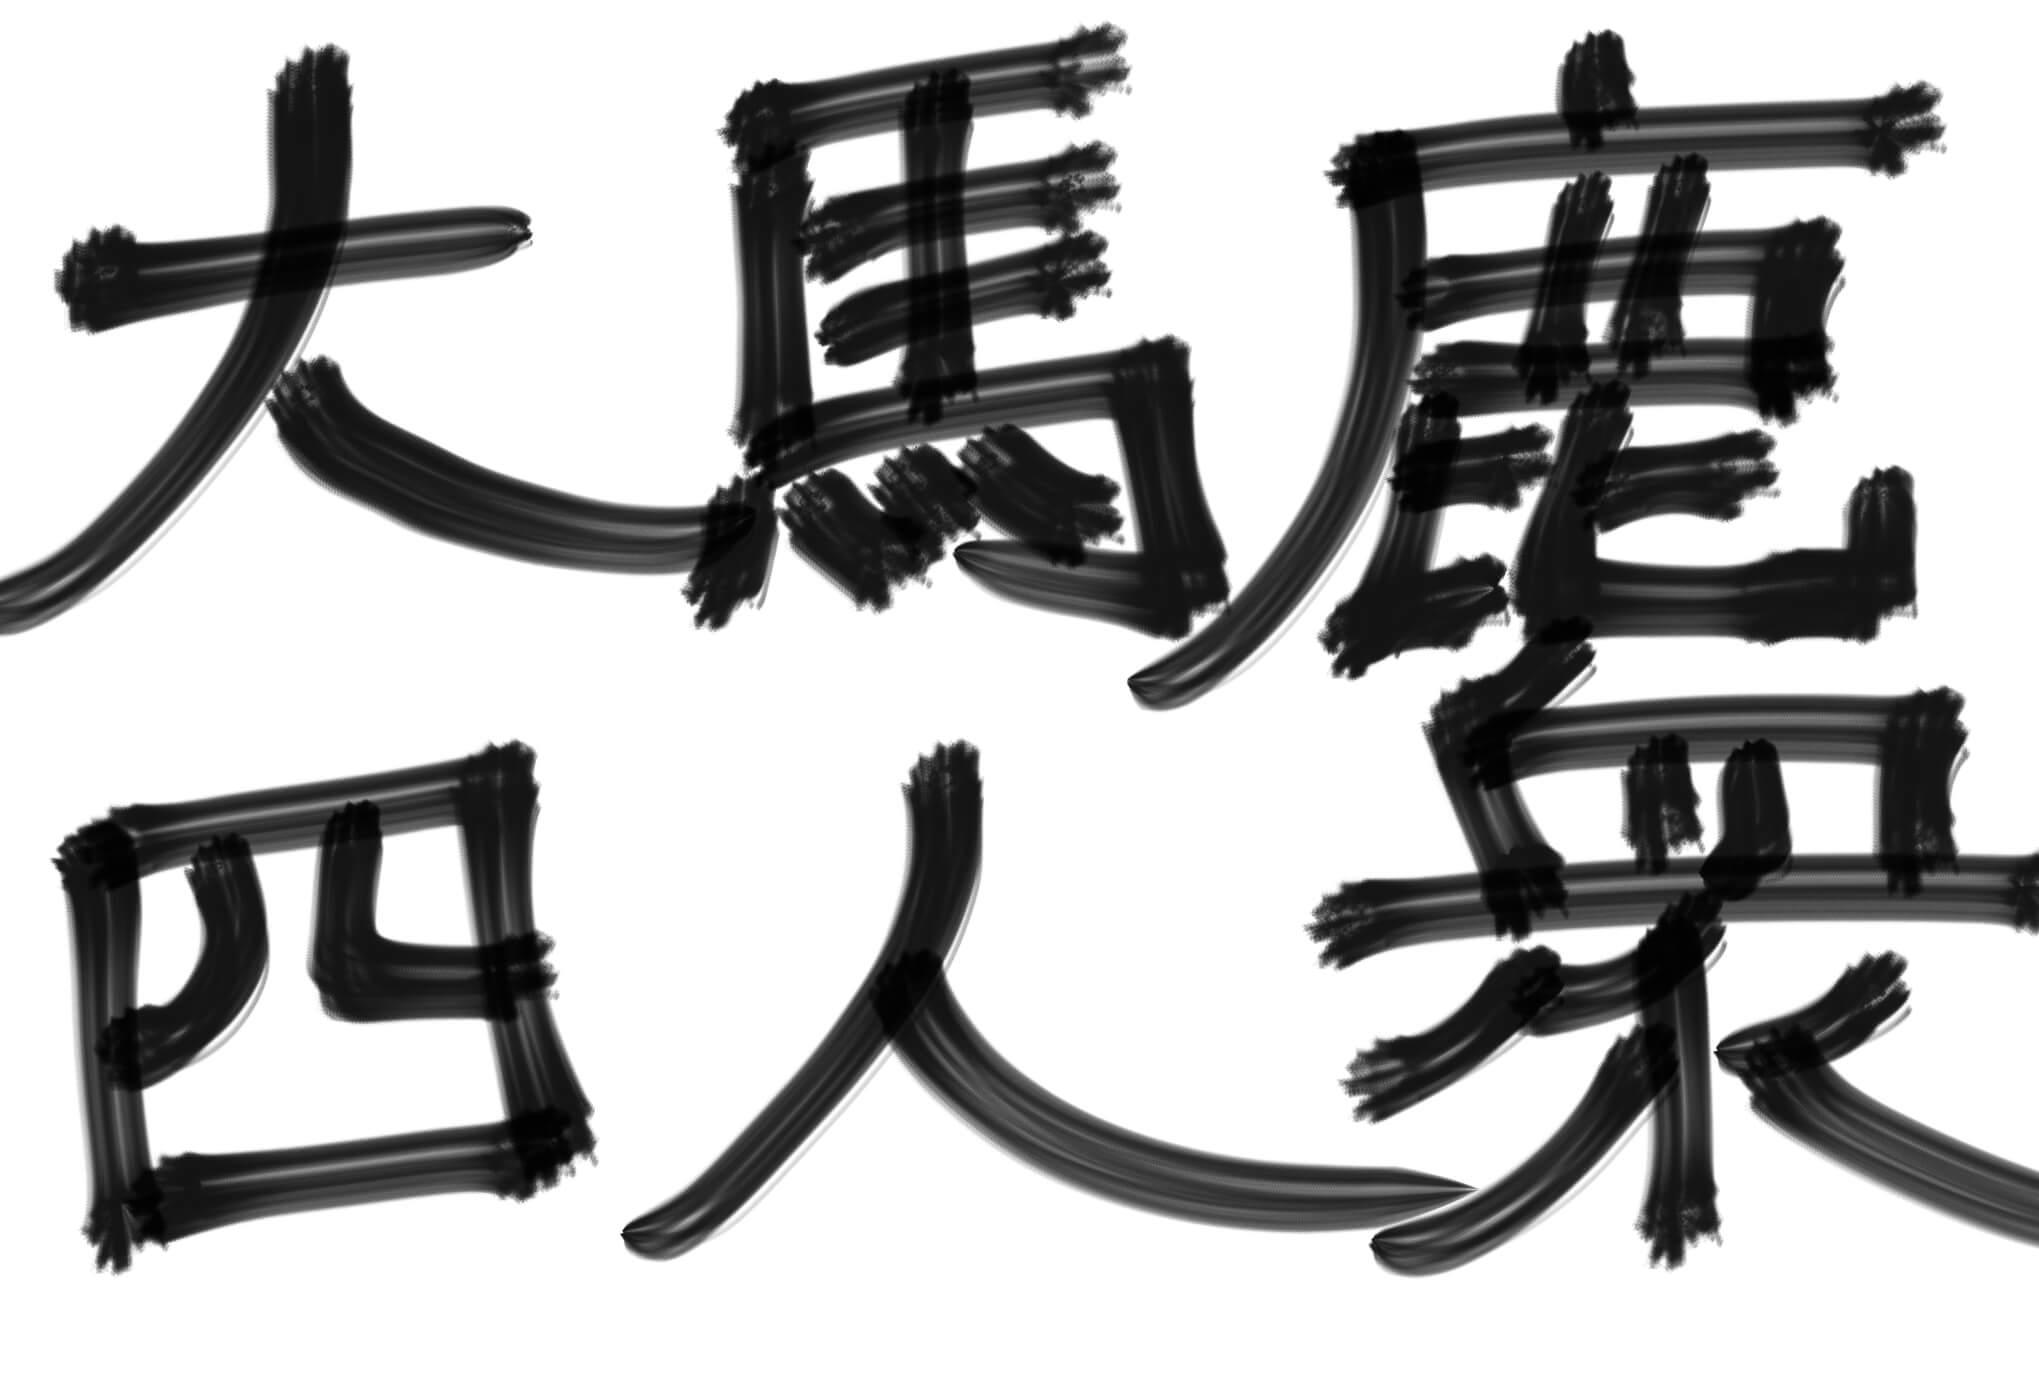 さんはん,詩人,社会,言いたい放題,自由,反戦,平和,戦争反対,神戸市須磨区,市立東須磨小学校,いじめ,柳瀬智雄,北海道,室蘭市,水元小学校,